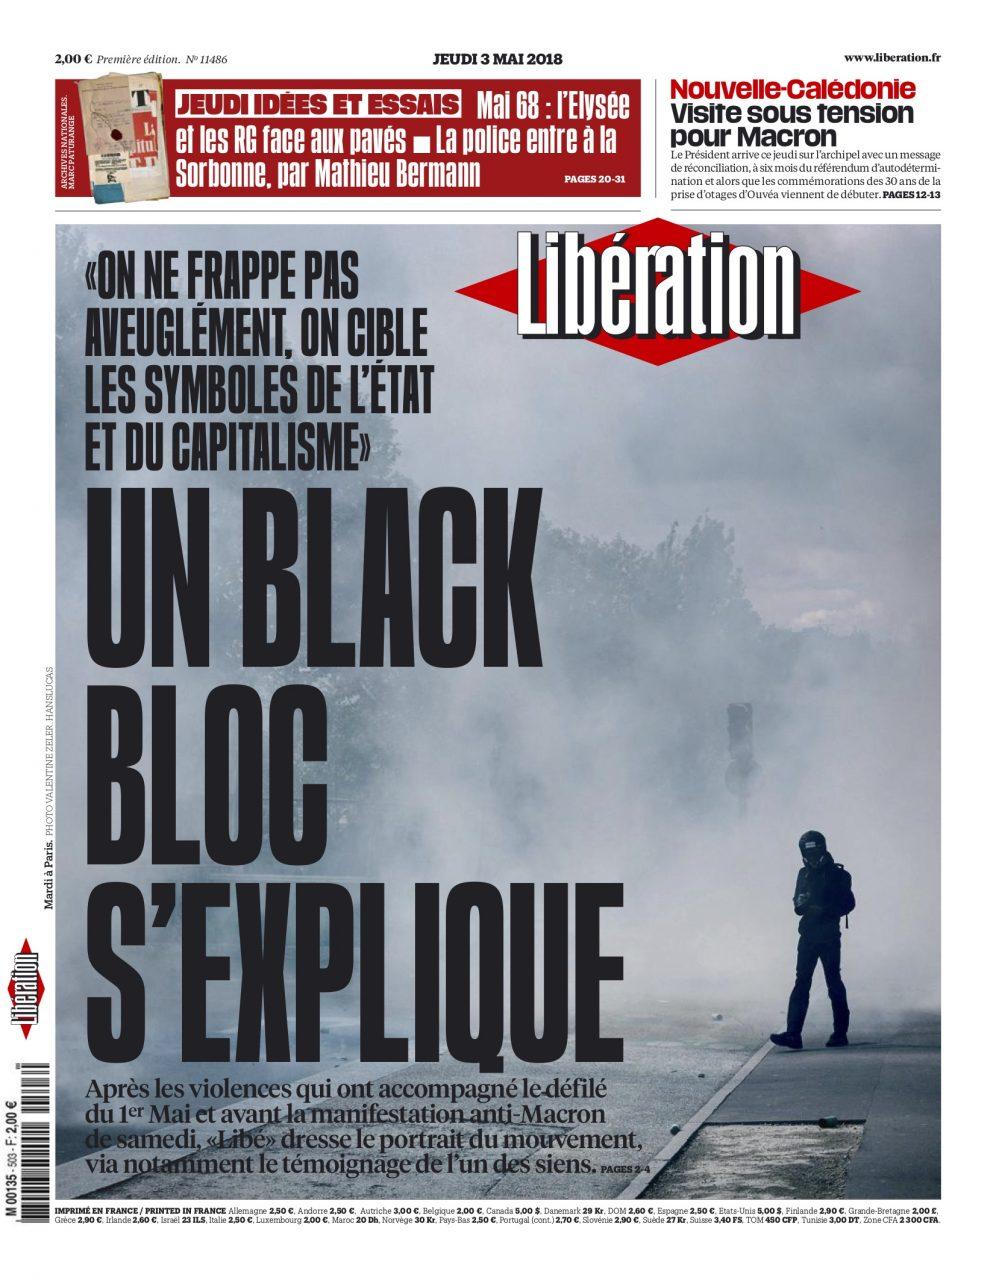 Une du journal Libération le 3 mai 2018